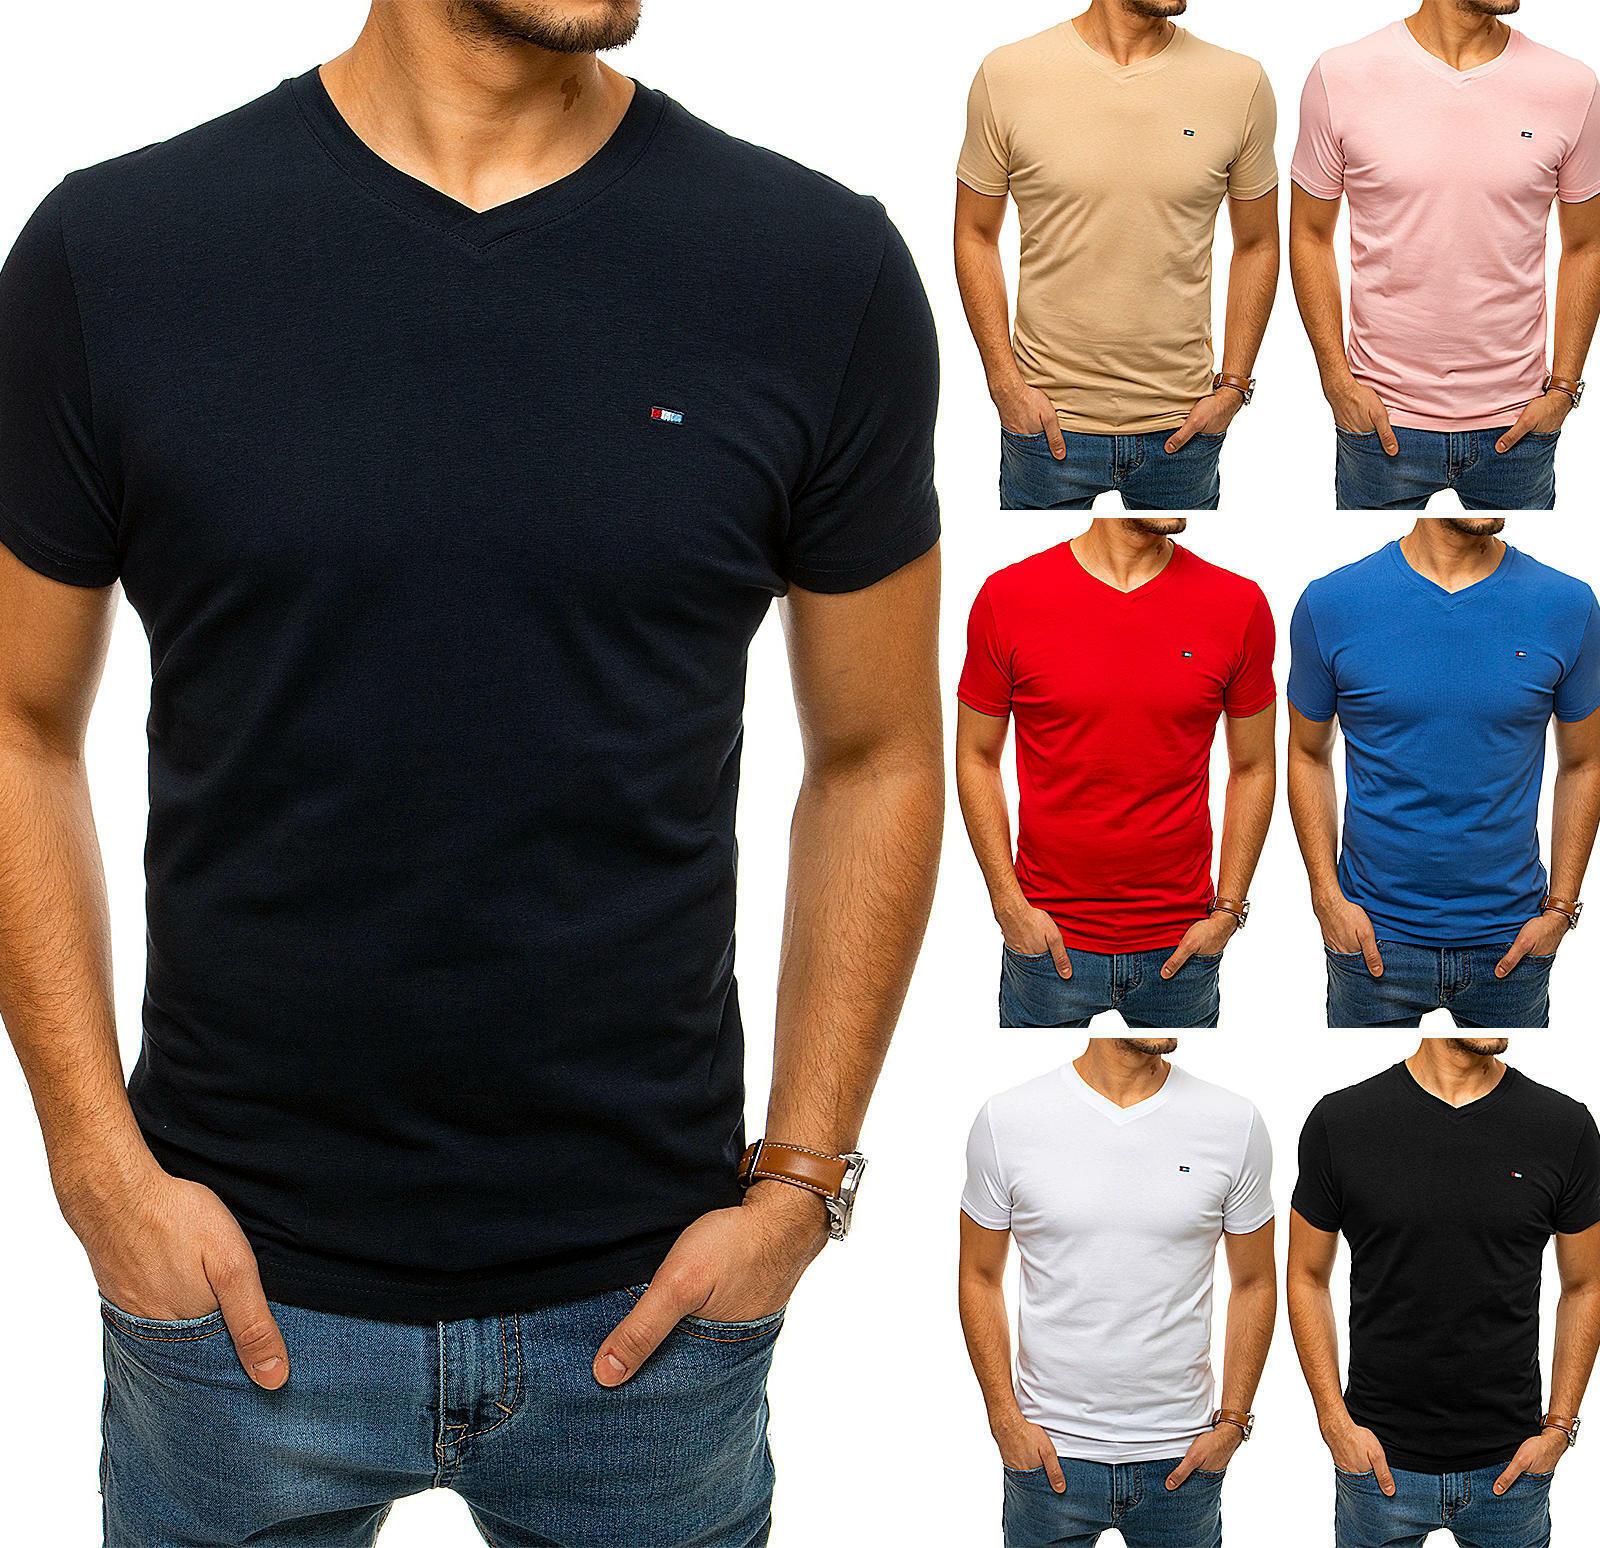 T-Shirt Kurzarm V-Ausschnitt Sport Basic Herren DSTREET